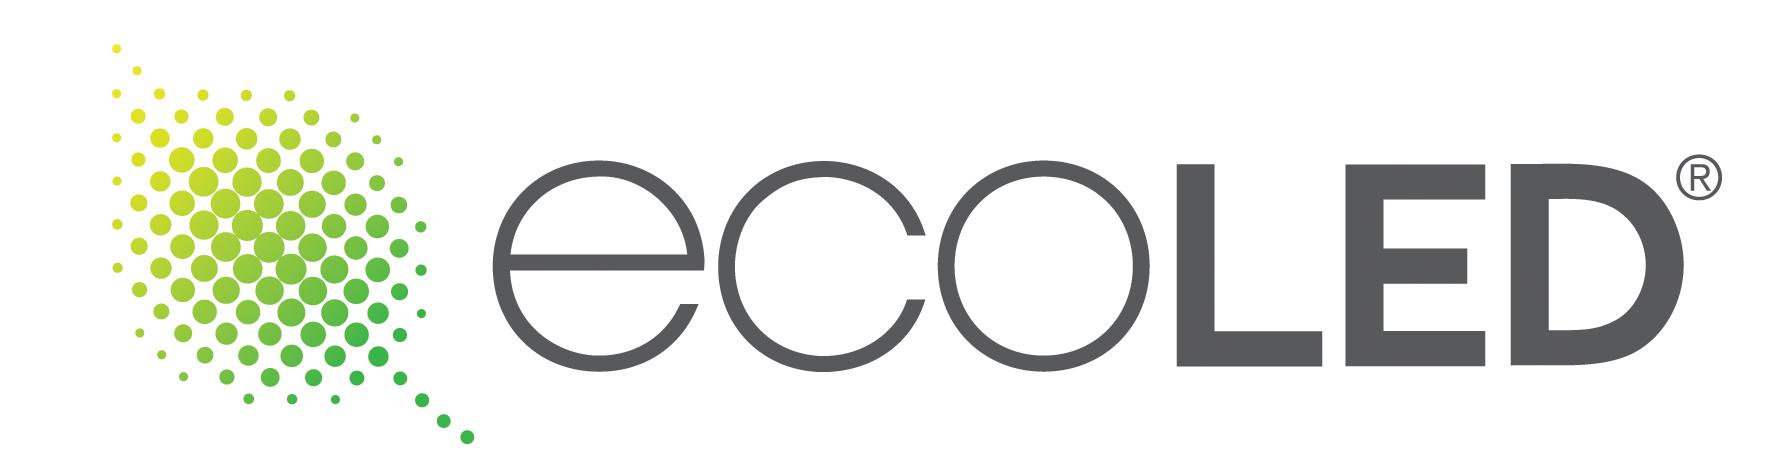 Ušetřete s EcoLed ! Max úspora s  mini náklady !